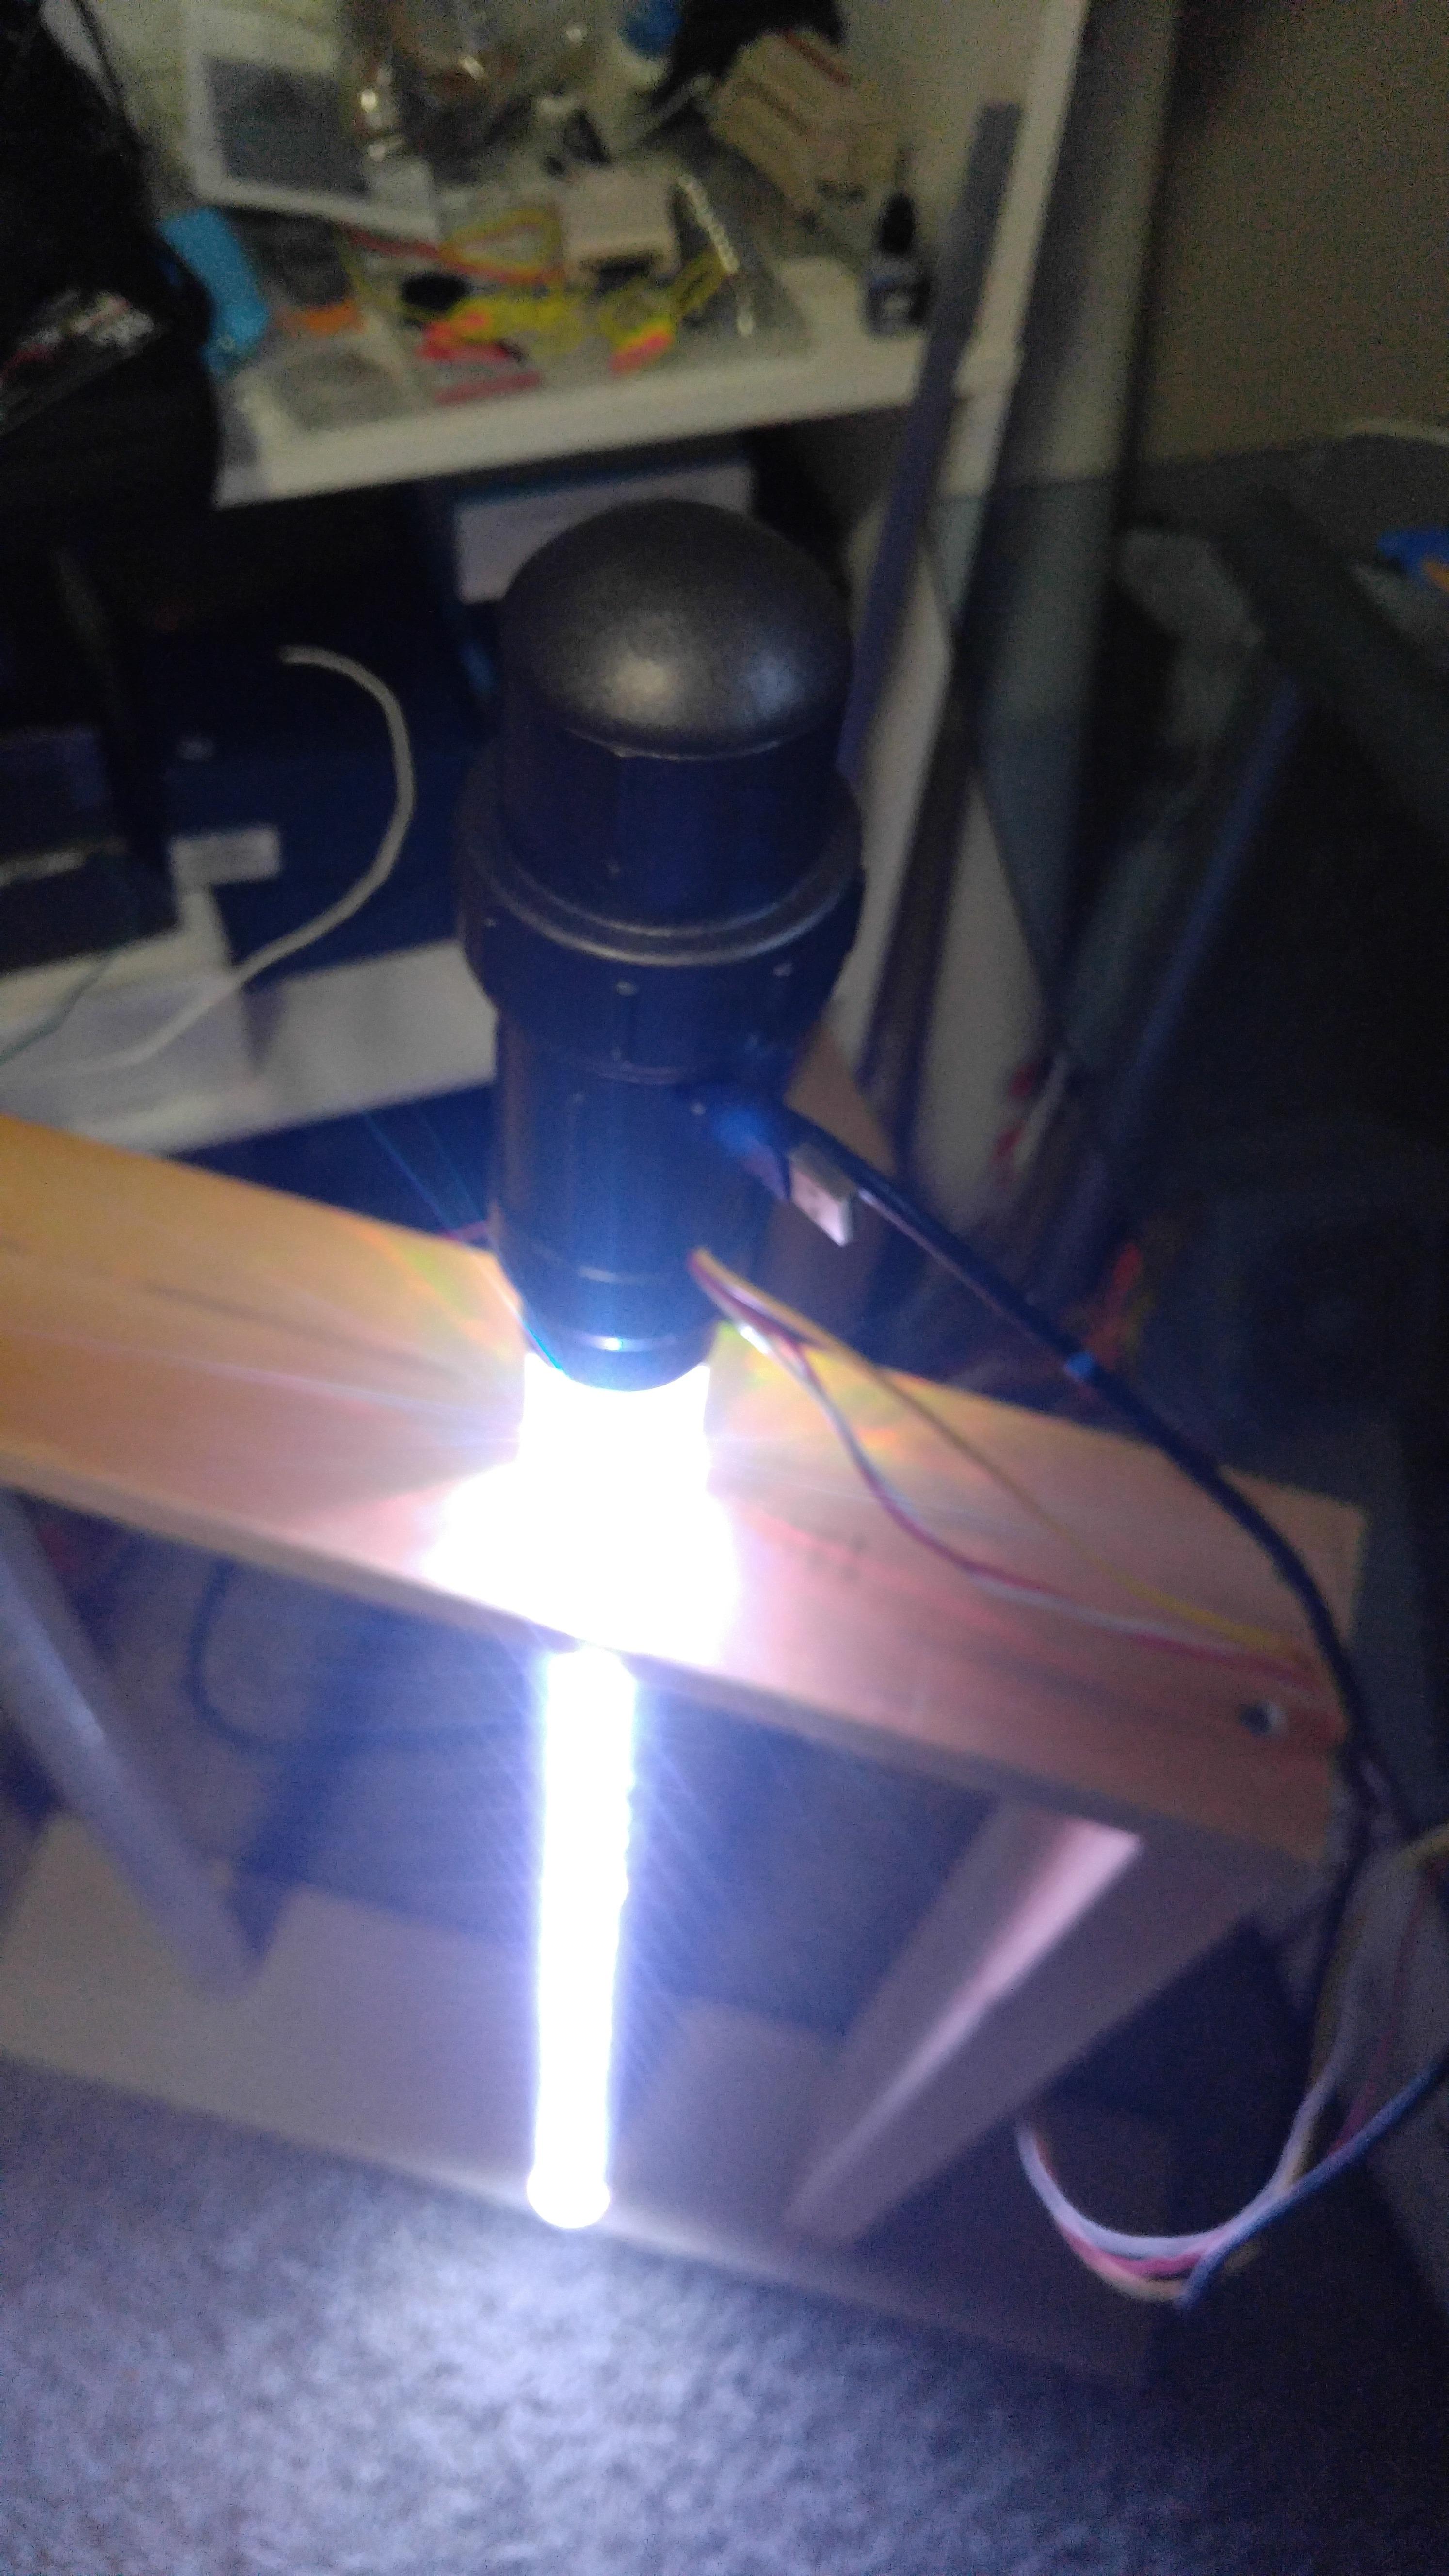 Picture of Hilt + Saber = Lightsaber = Lighthemin